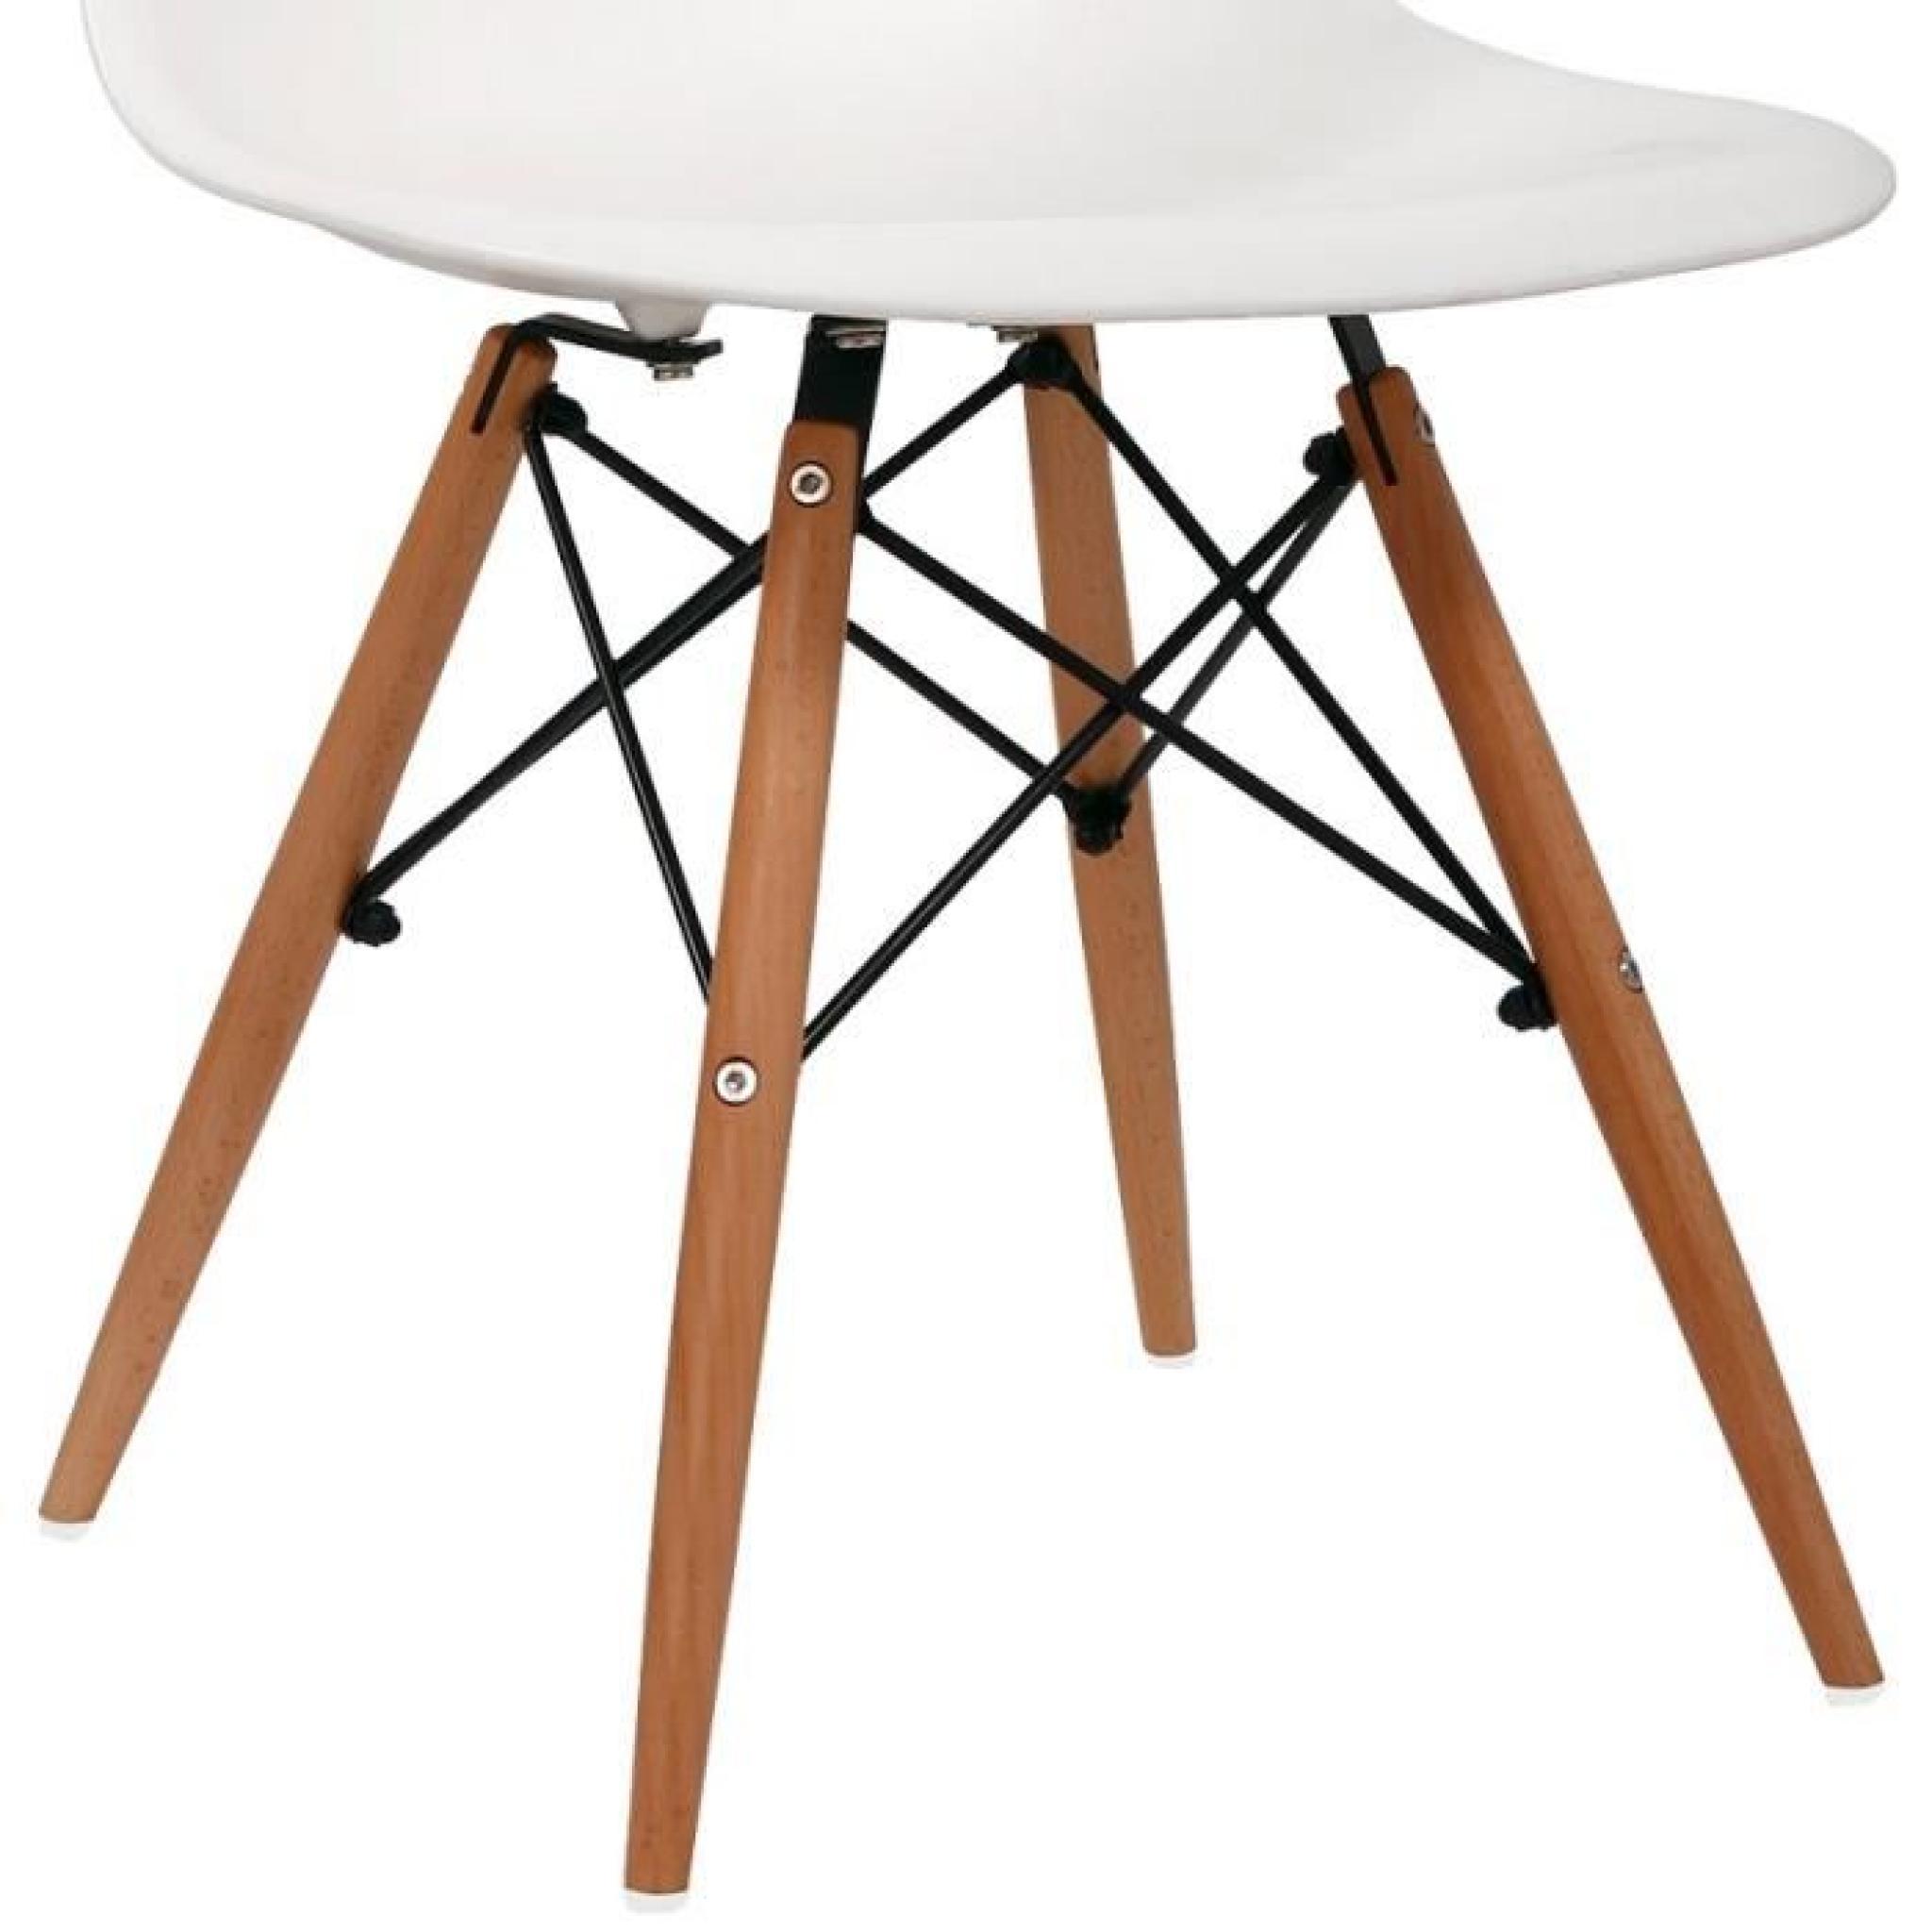 Lot de 4 chaises design blanche nina achat vente chaise salle a manger pas cher couleur et - Chaise design blanche pas cher ...